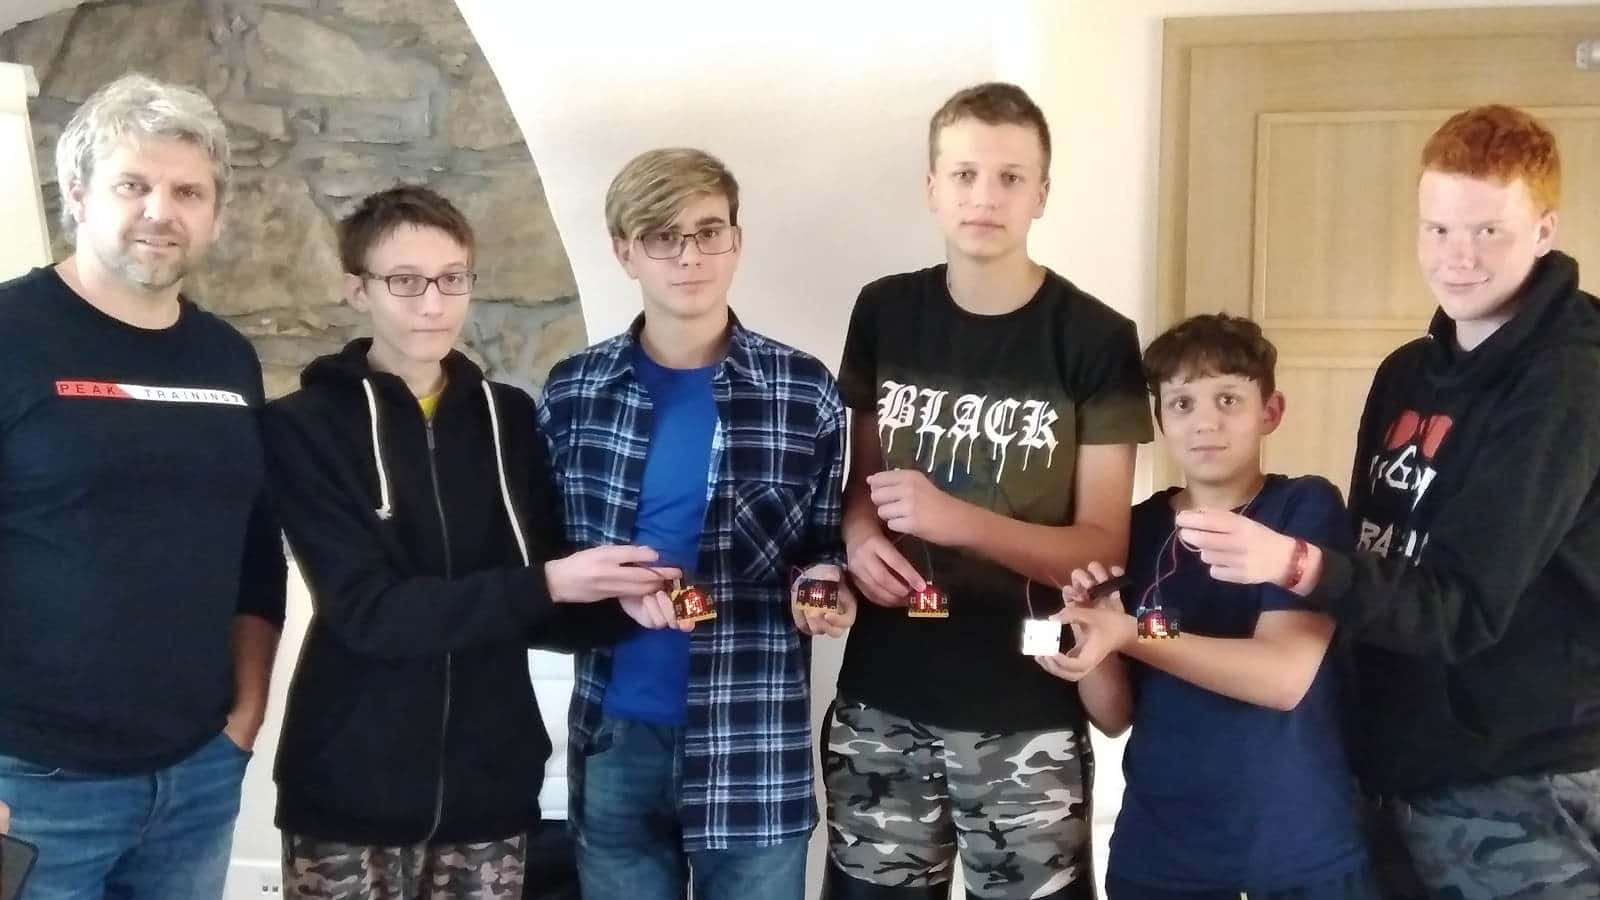 Společná fotografie kluků z našeho IT kroužku s návštěvou Mirkem Slámou